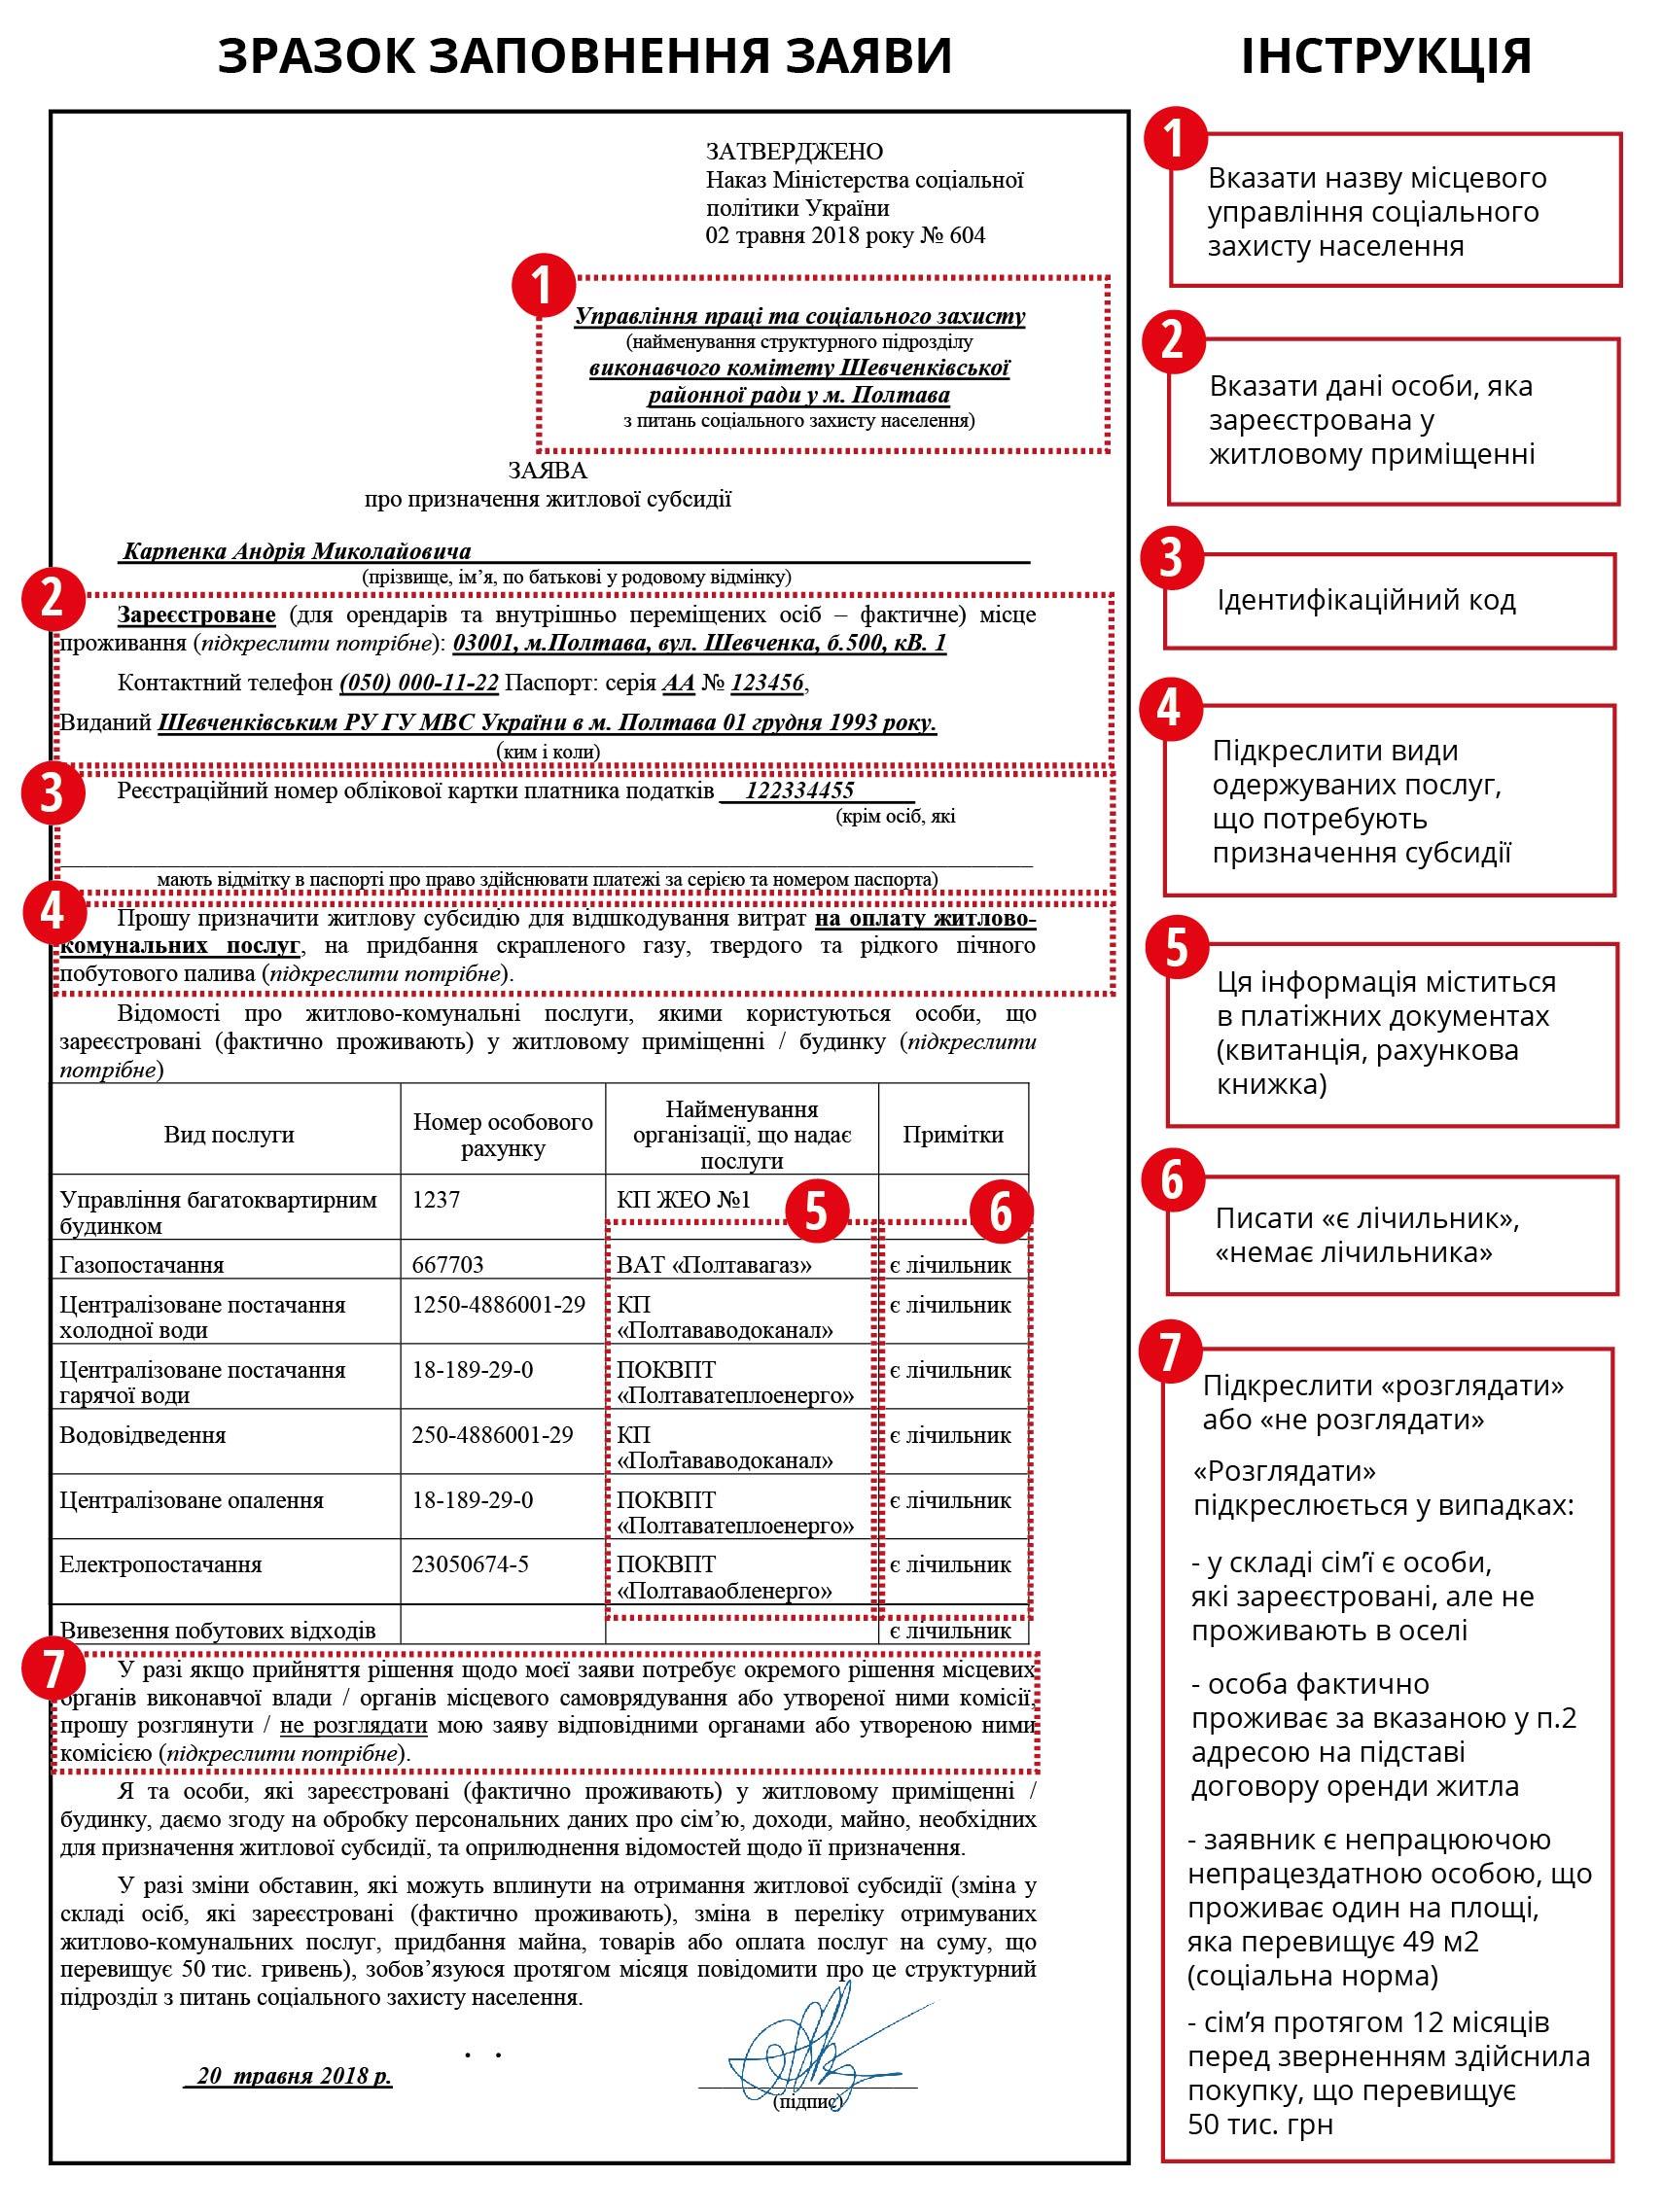 Пример заполнения заявления и декларации на получение субсидий на.